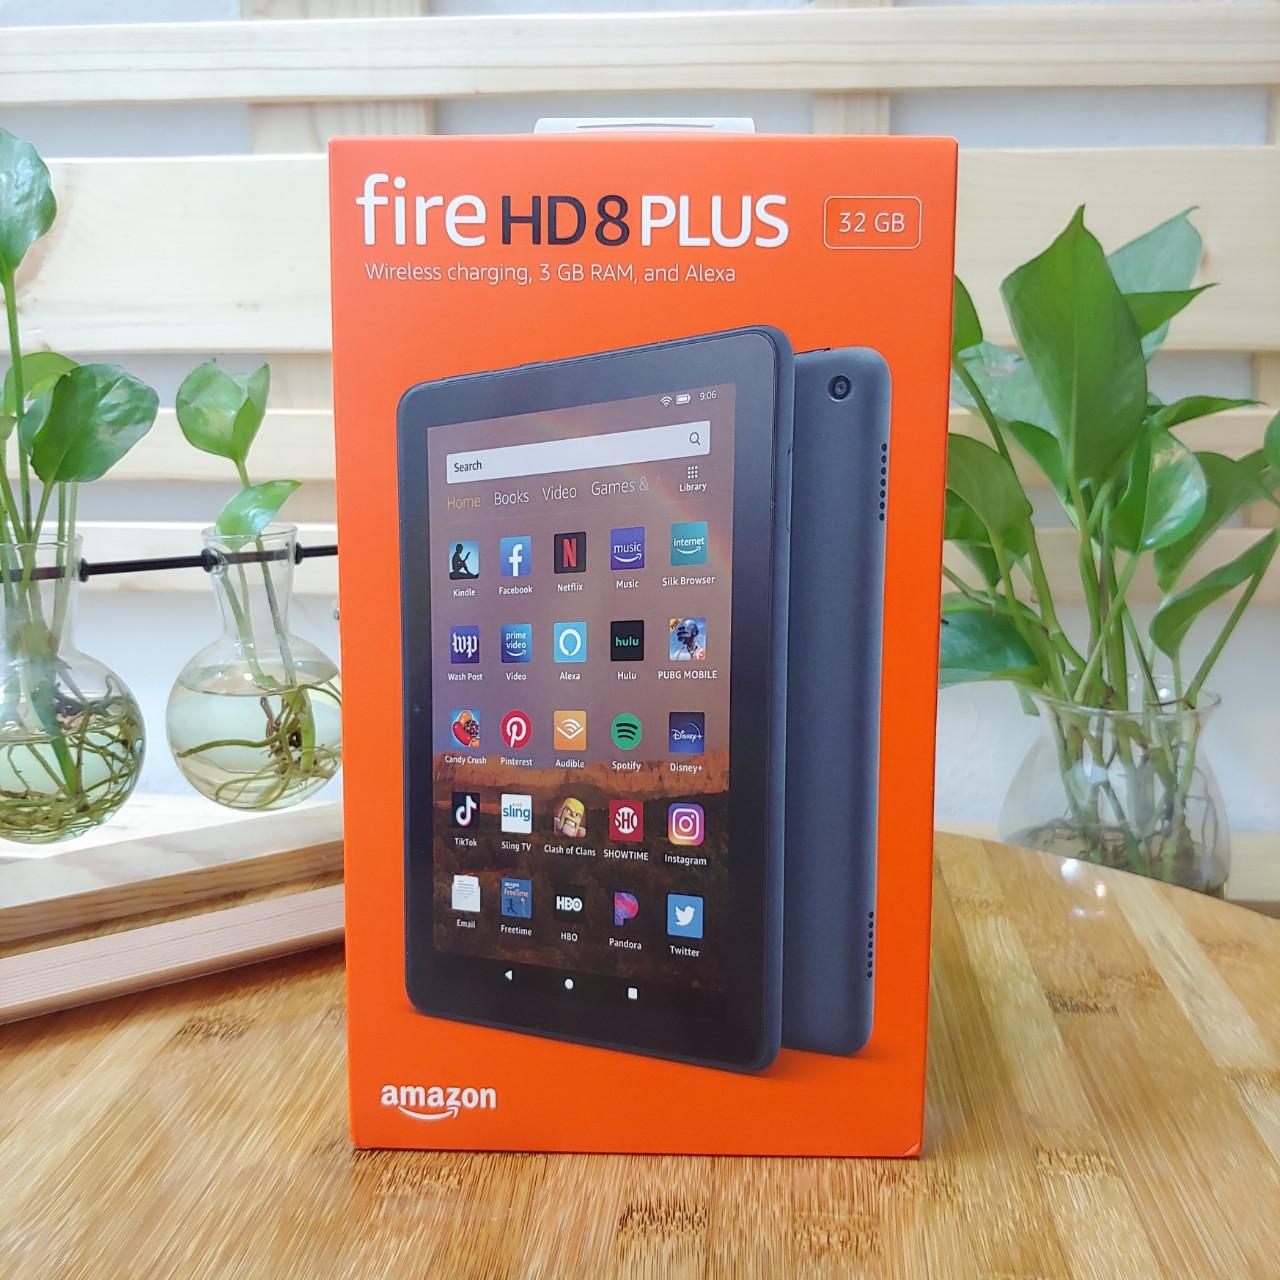 [New 100%] Máy tính bảng Kindle Fire HD 8 Plus (10th) 2020 màn hình 8inch sắc nét, RAM 3GB, dung lượng 32GB